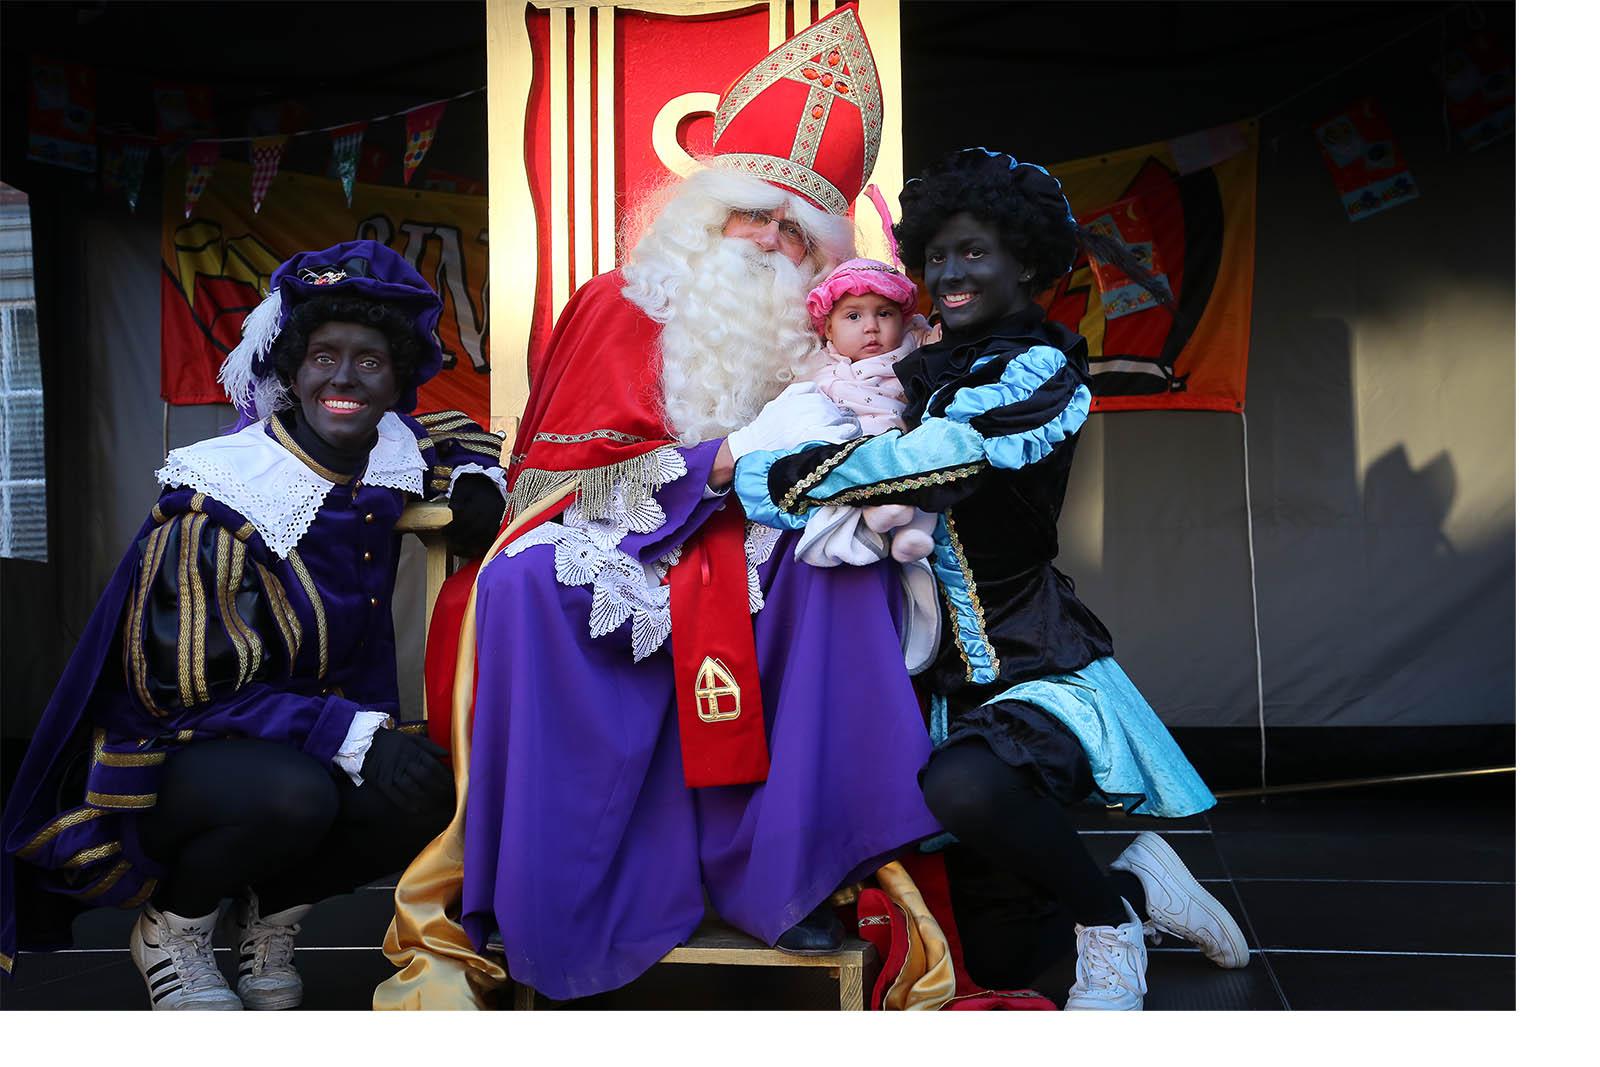 culemborg intocht sinterklaas 2018_0020_©John Verhagen-Sinterklaas 2018-0439.jpg